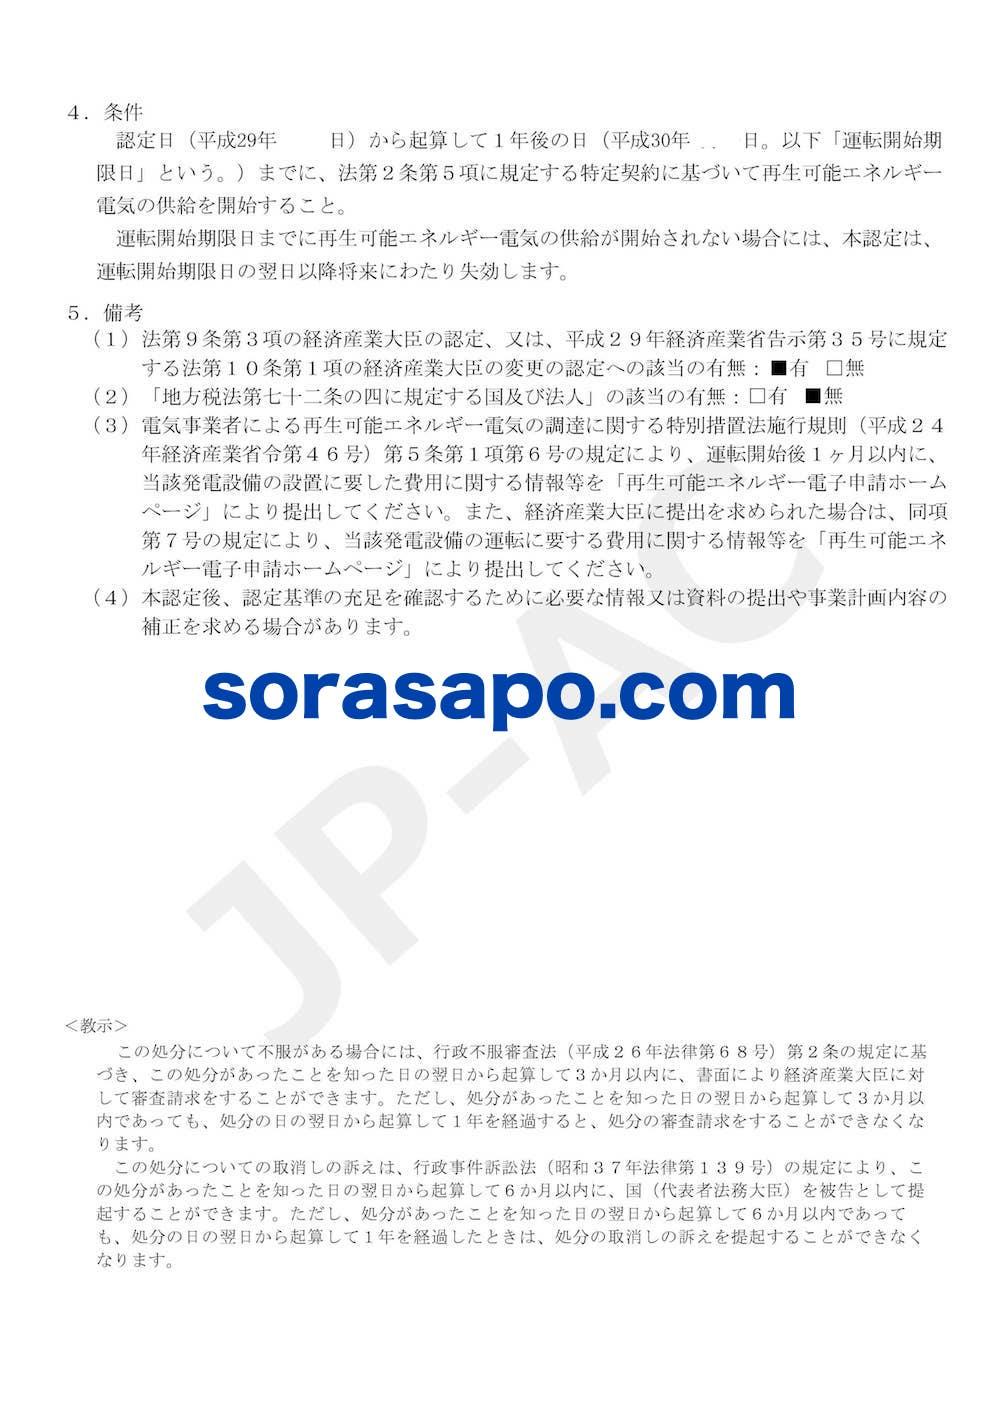 2017年発行の認定通知書サンプル